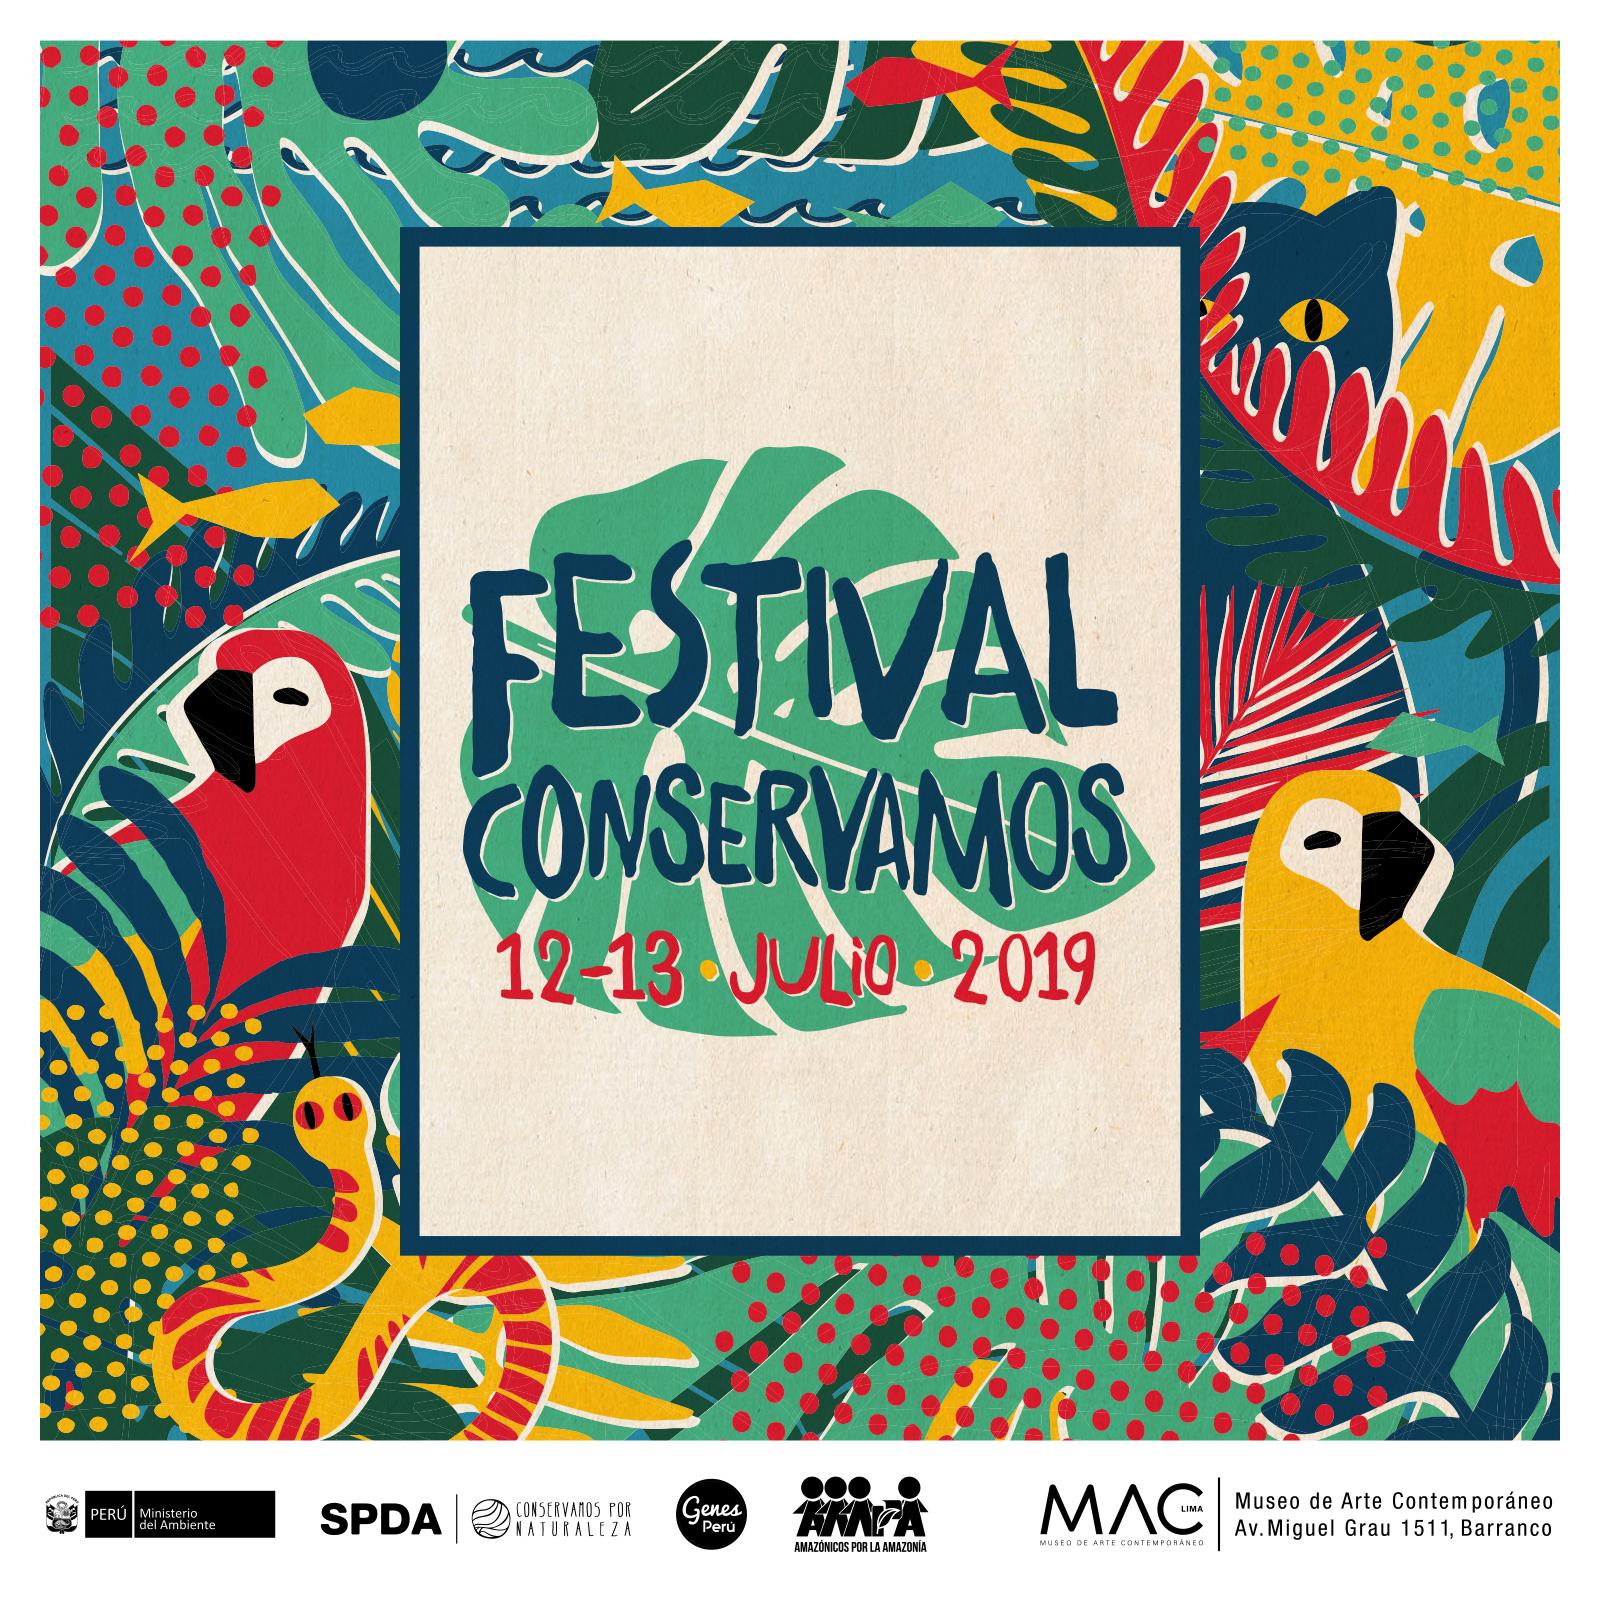 Fin de semana ambiental este sábado 13 en el Festival Conservamos 2019 en el MAC de Barranco